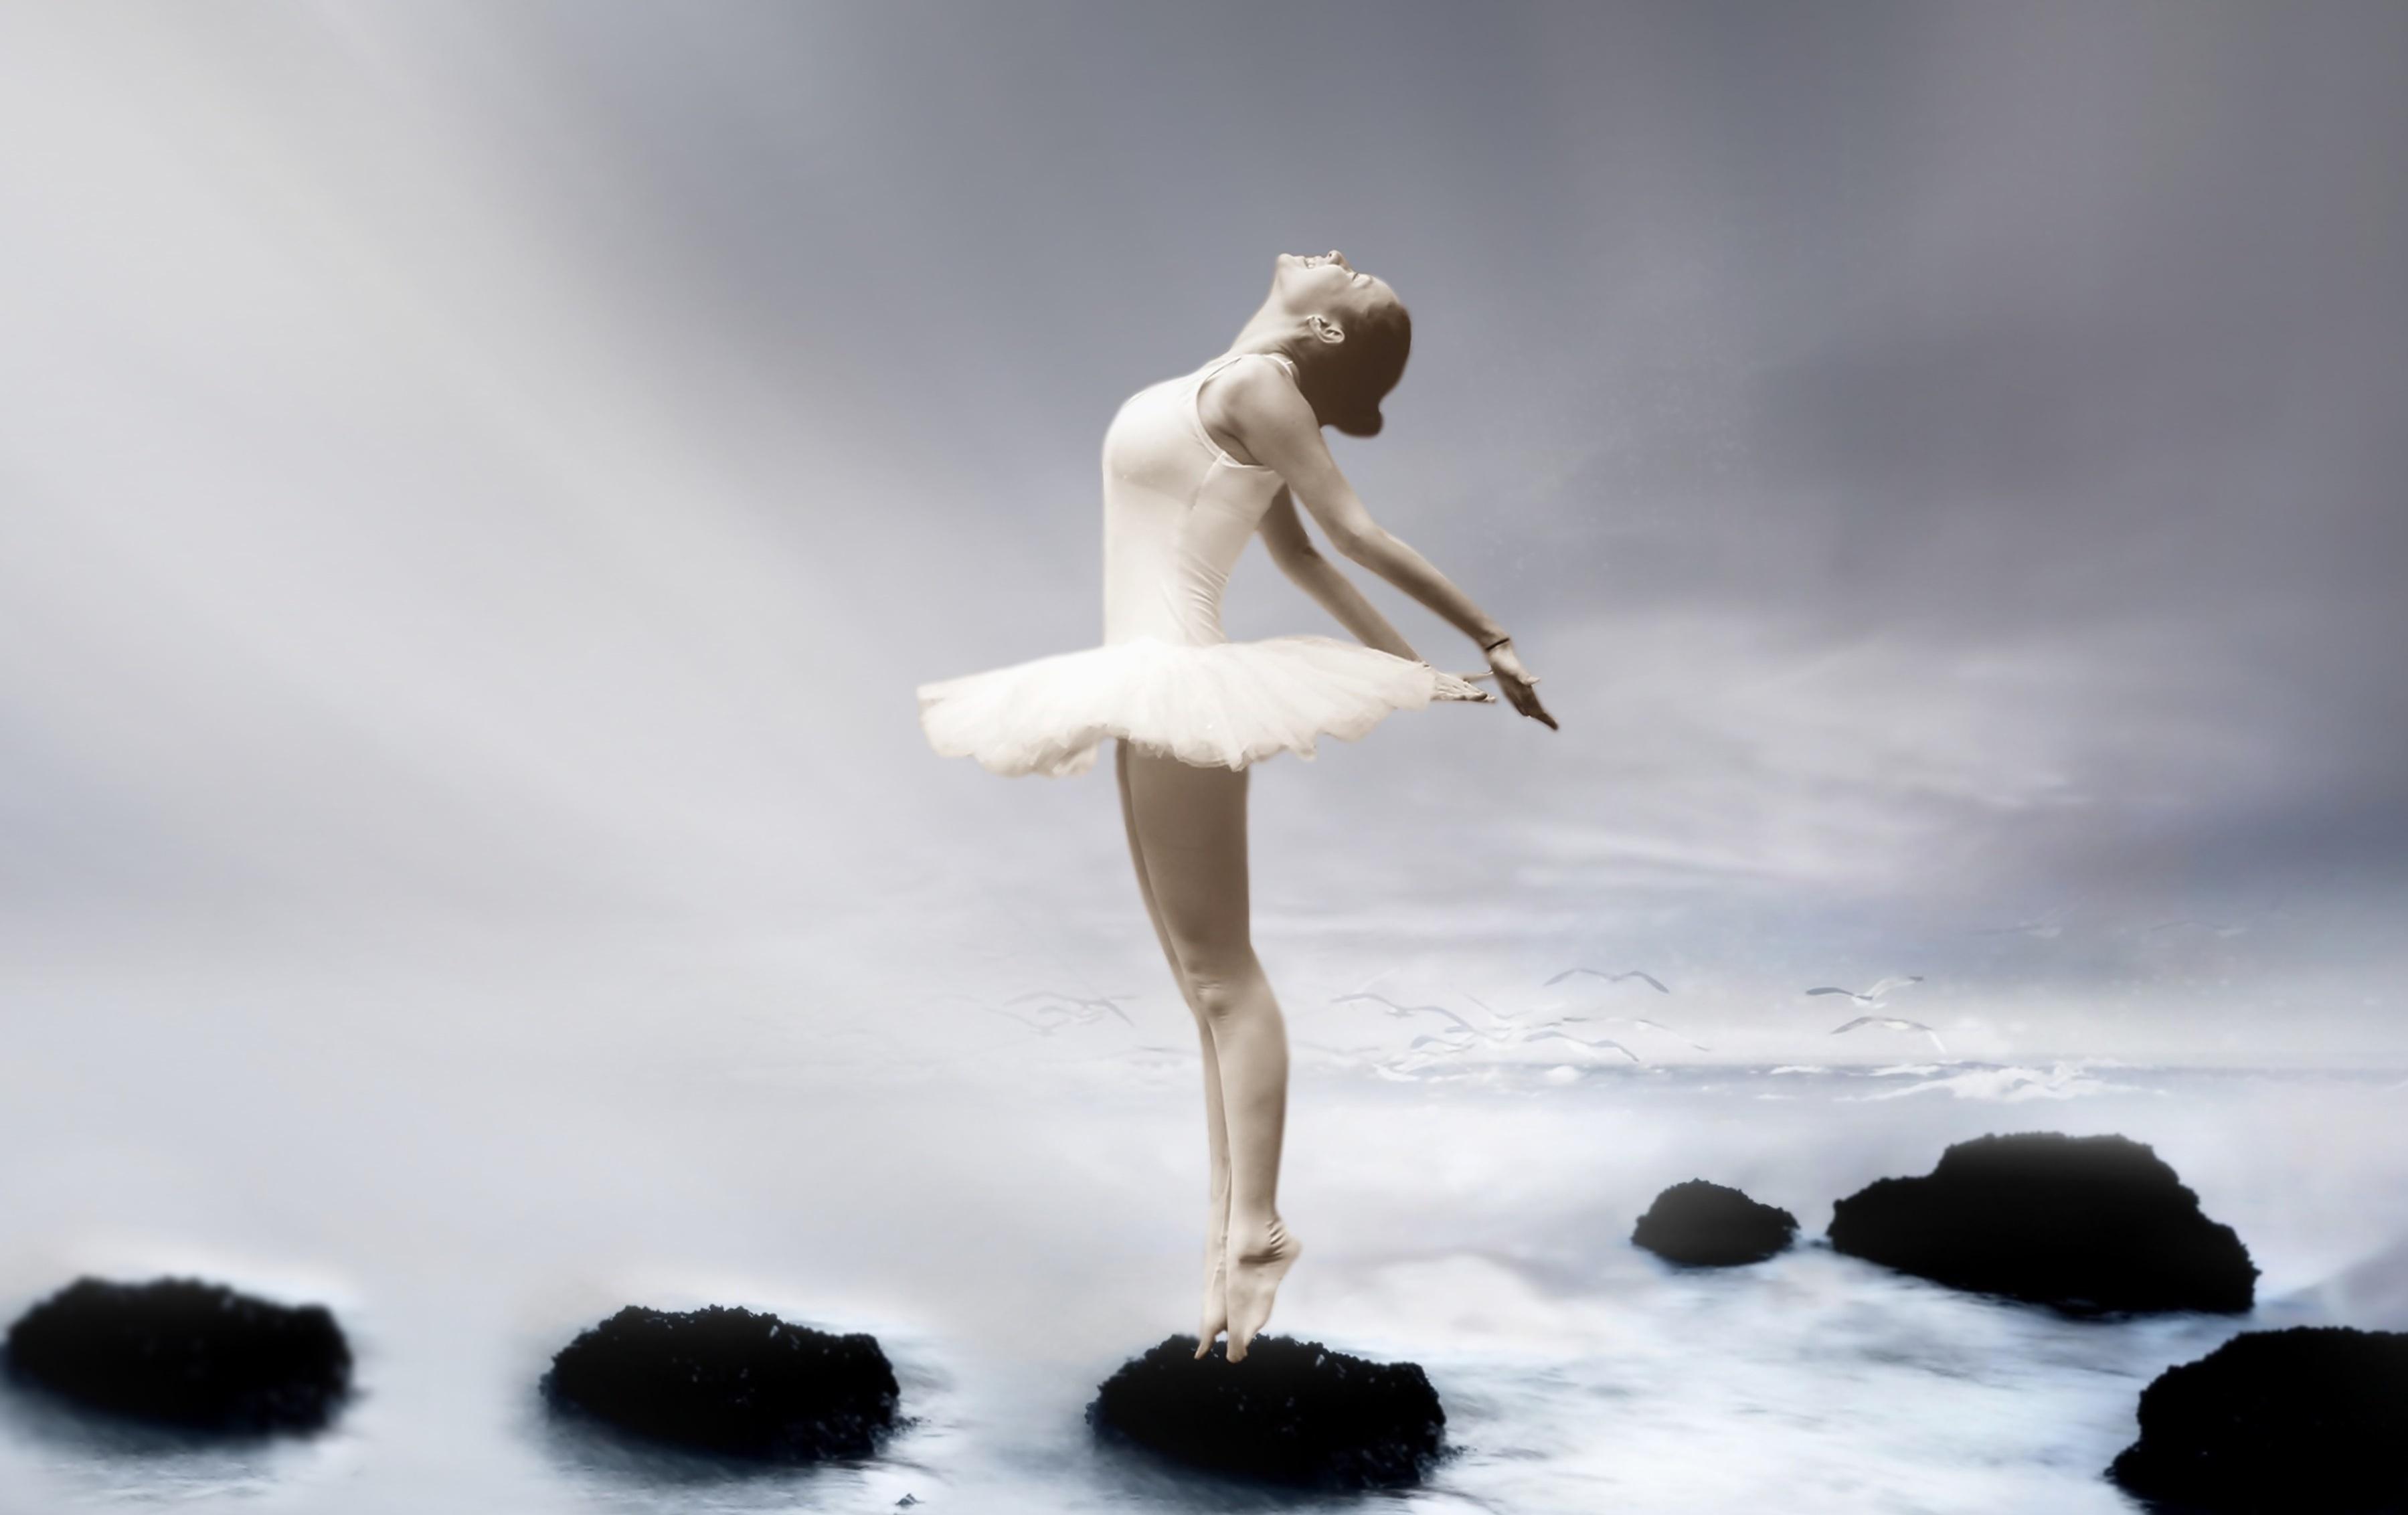 Napi szor állt mérlegre ez a balerina | enfc2016.hu